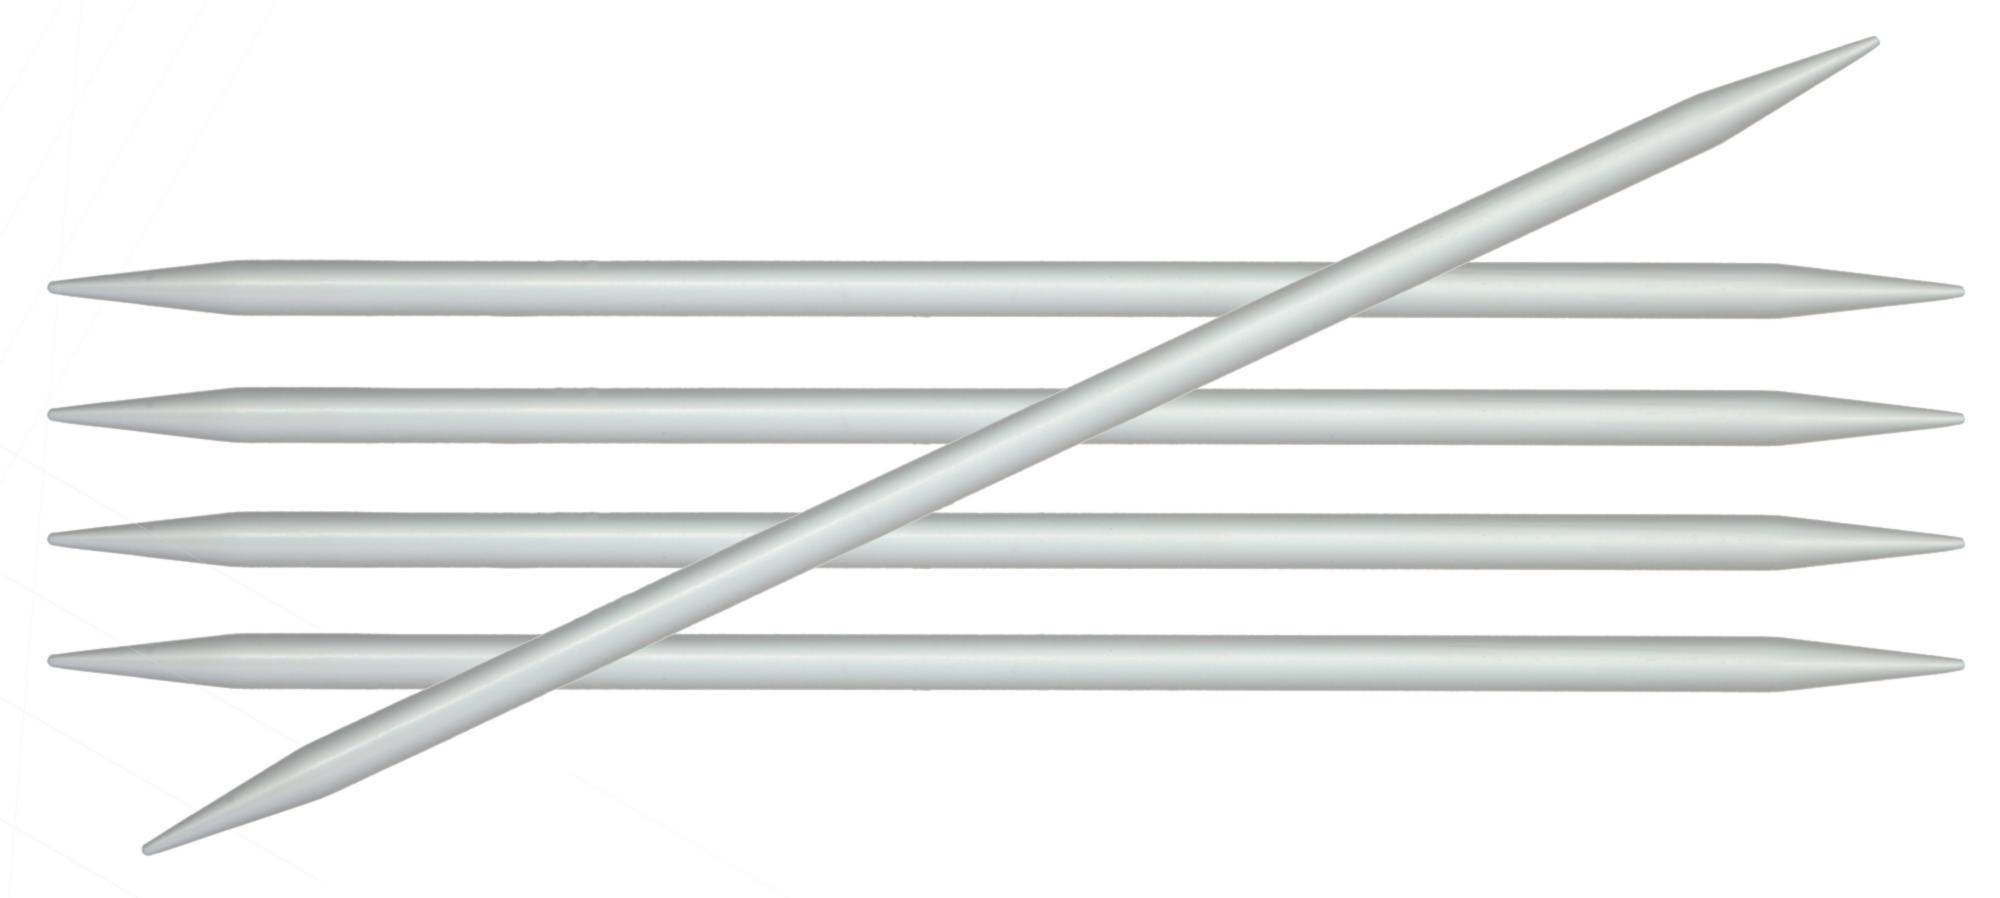 Спицы носочные 15 см Basix Aluminium KnitPro, 45106, 4.50 мм